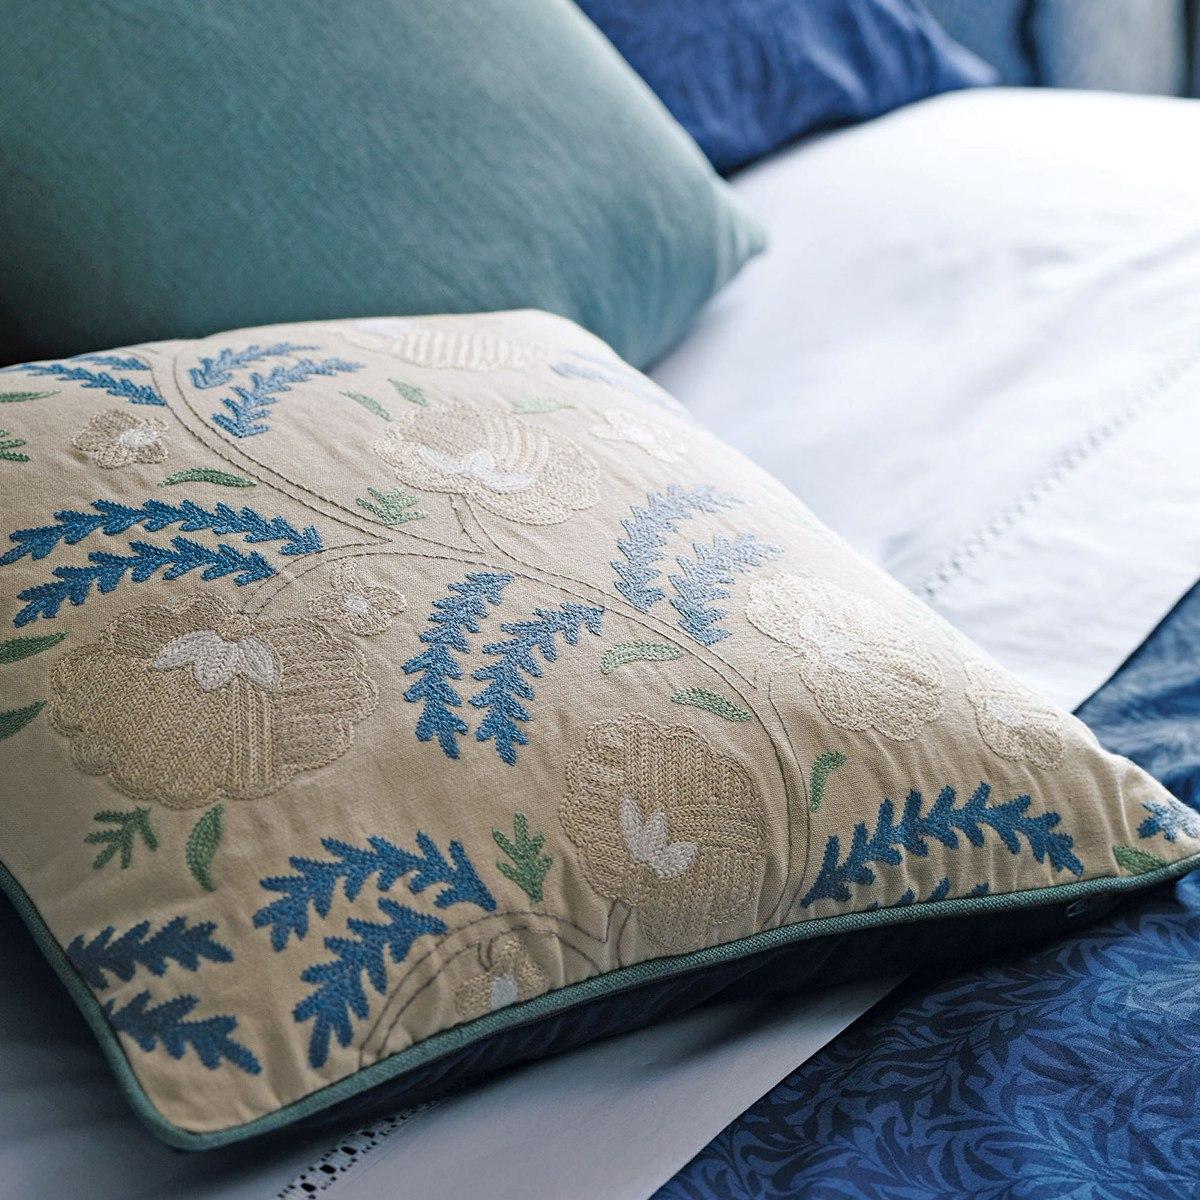 #Morris Эксклюзивные ткани для обивки - вышивка.